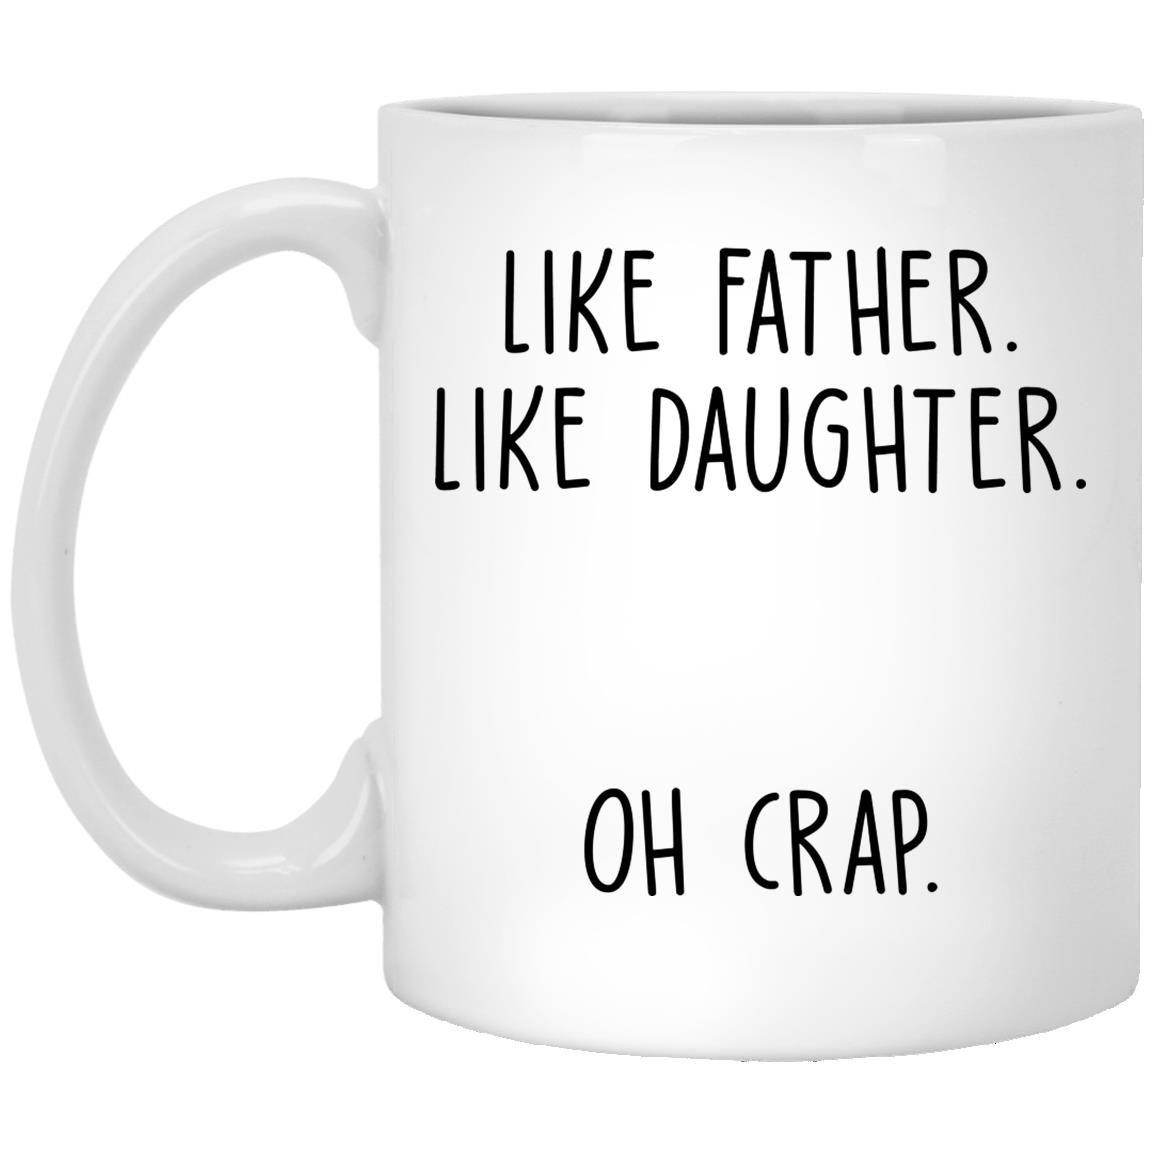 Like Father Like Daughter Mug